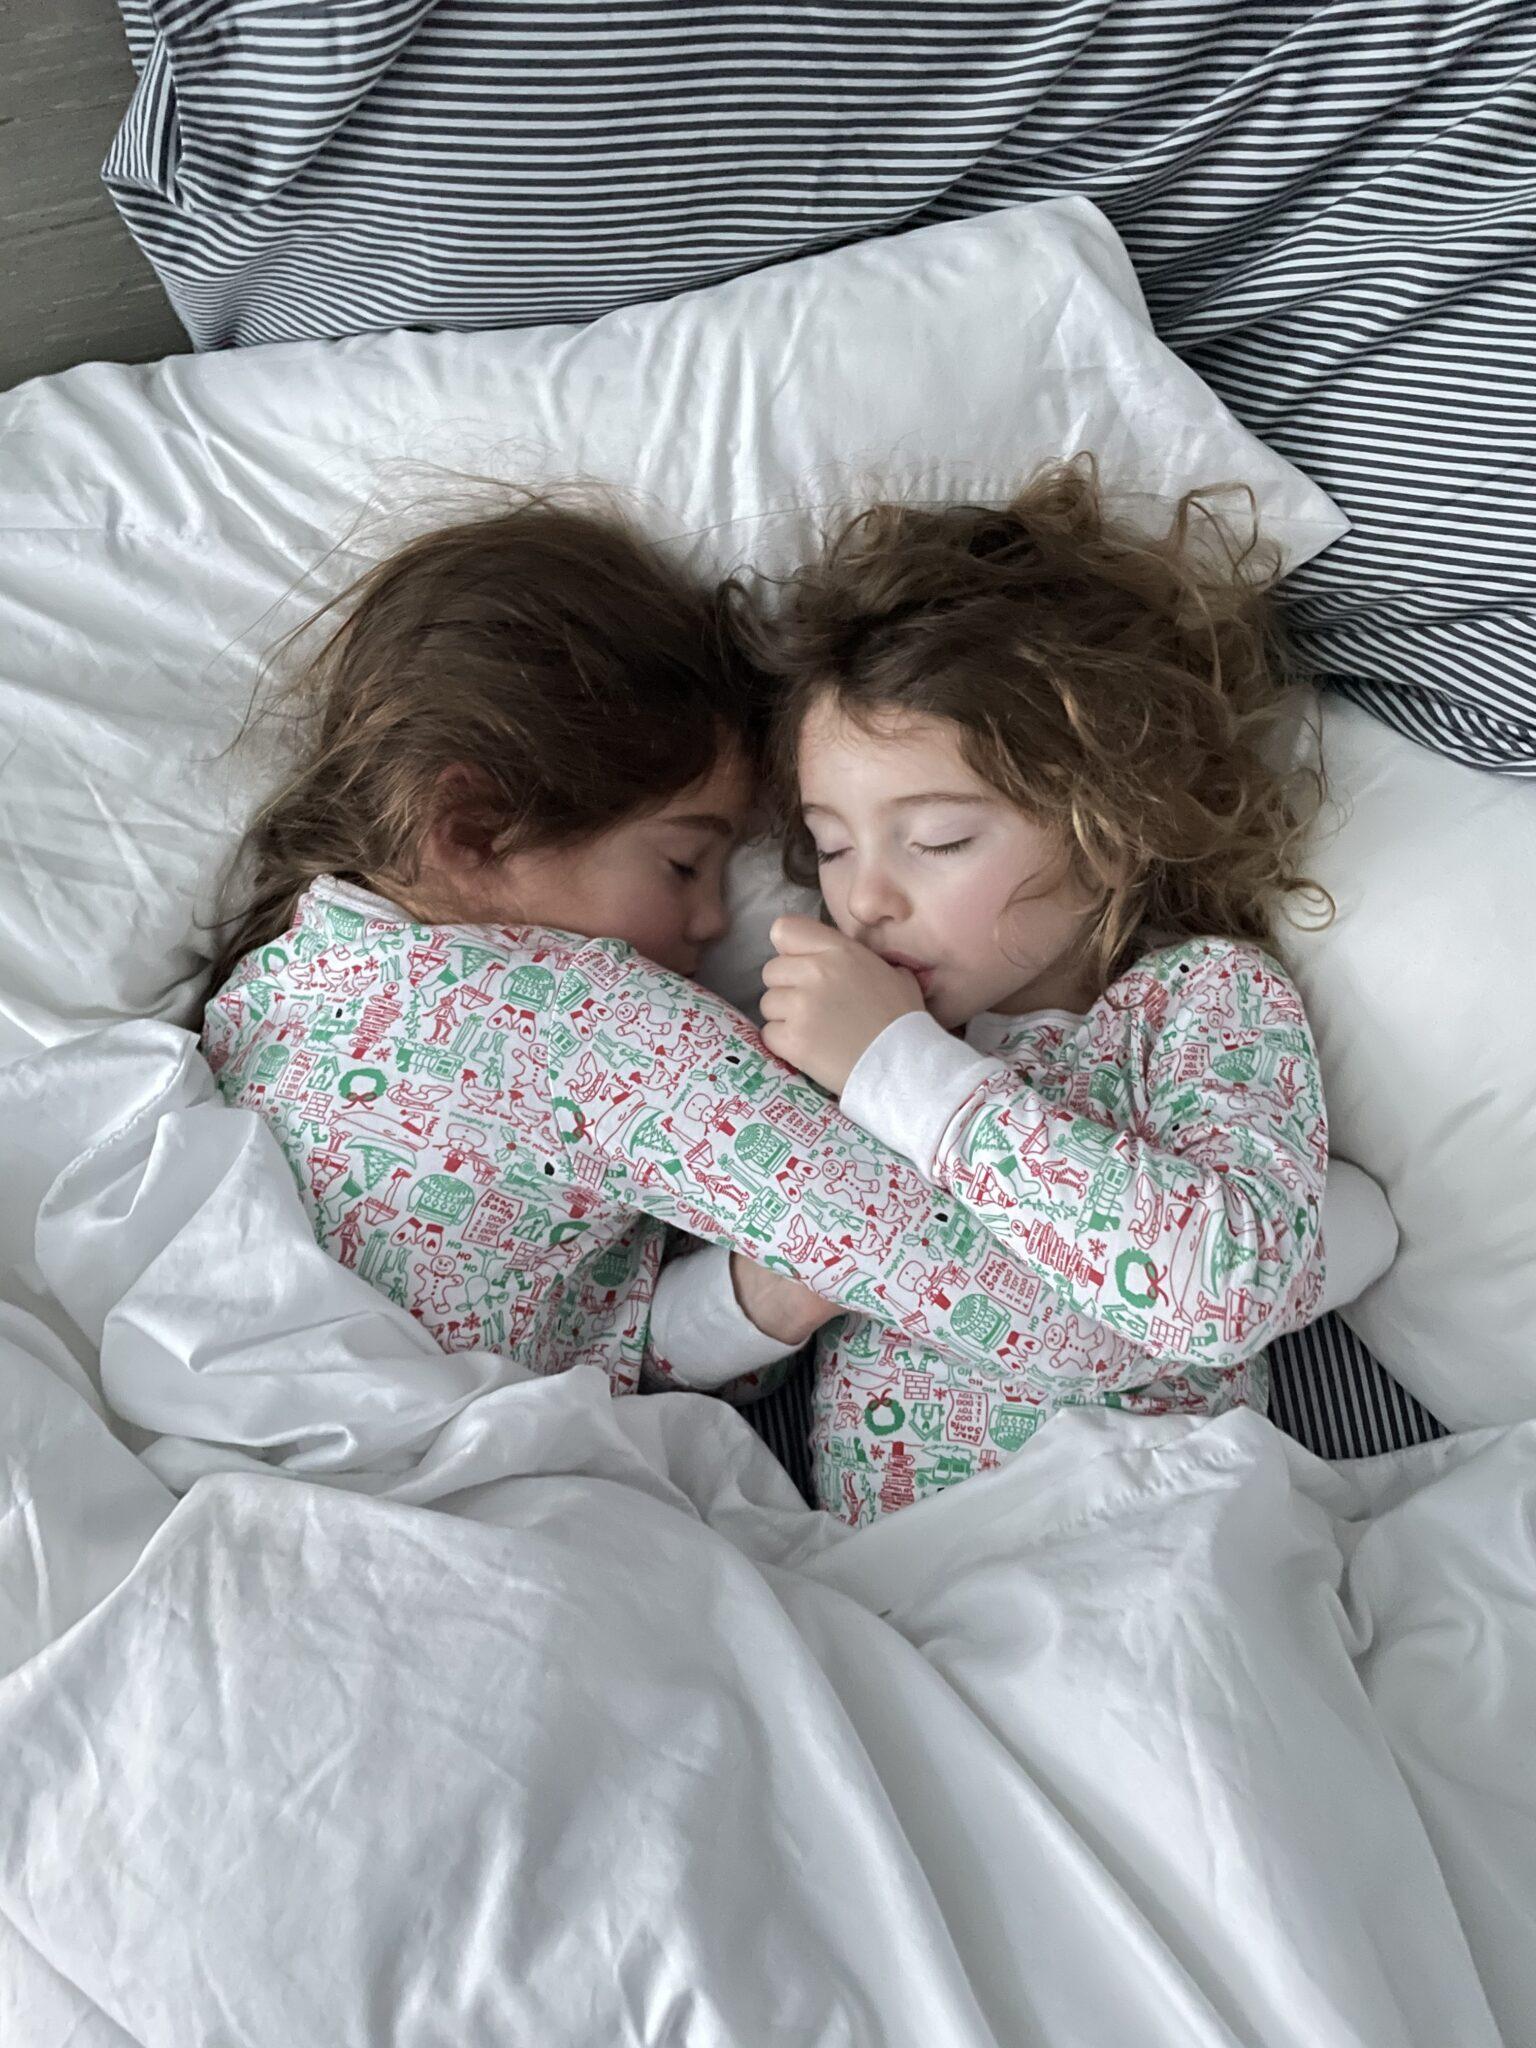 Sisters snuggling asleep